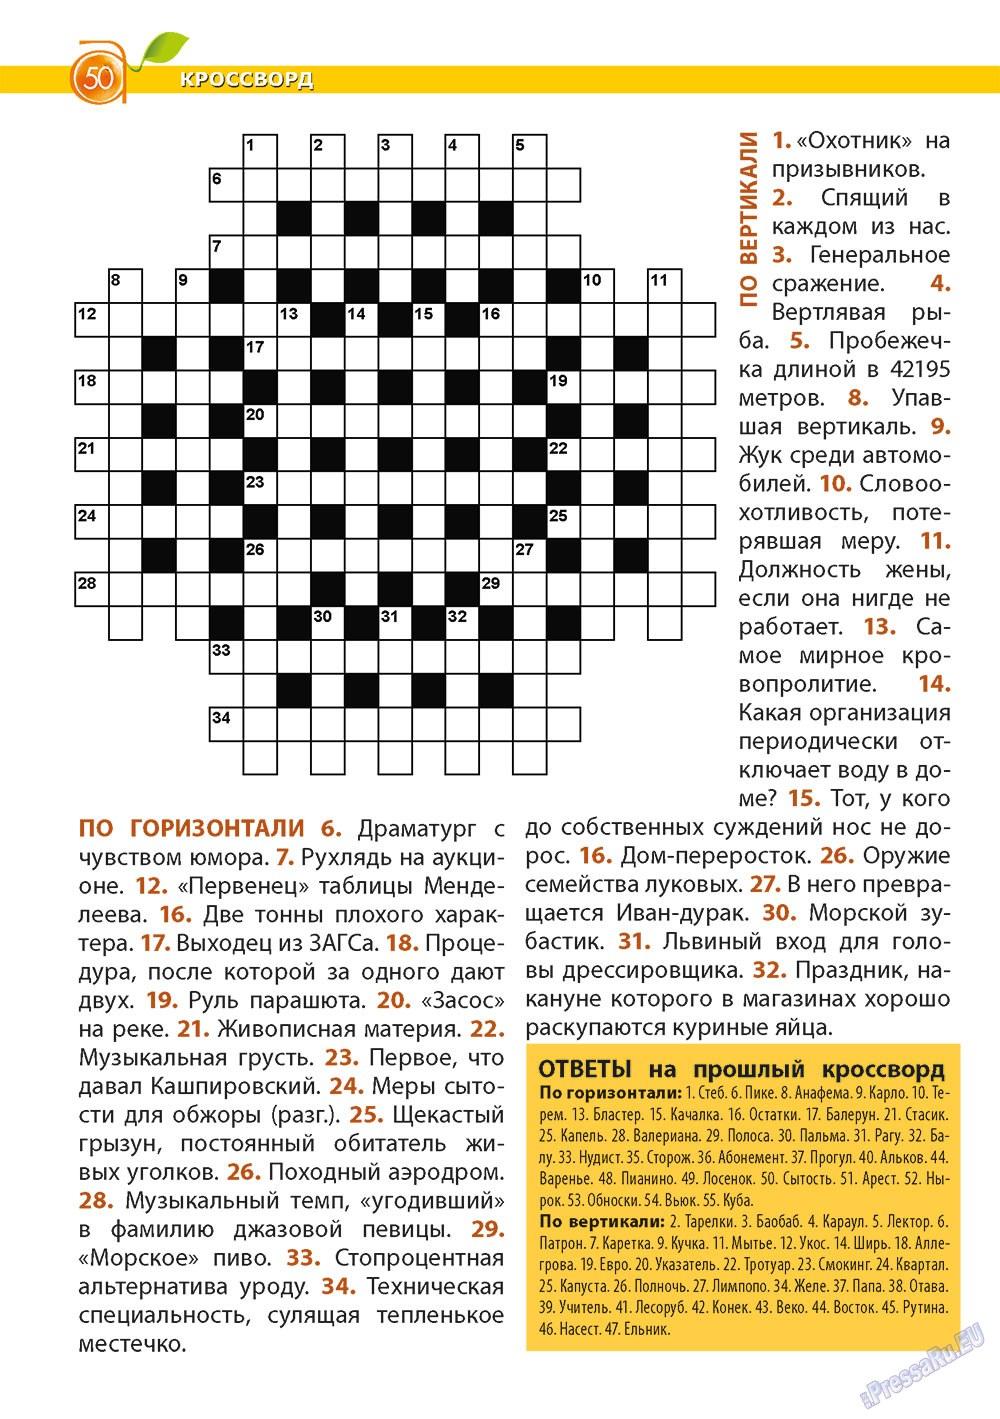 Апельсин (журнал). 2013 год, номер 48, стр. 48